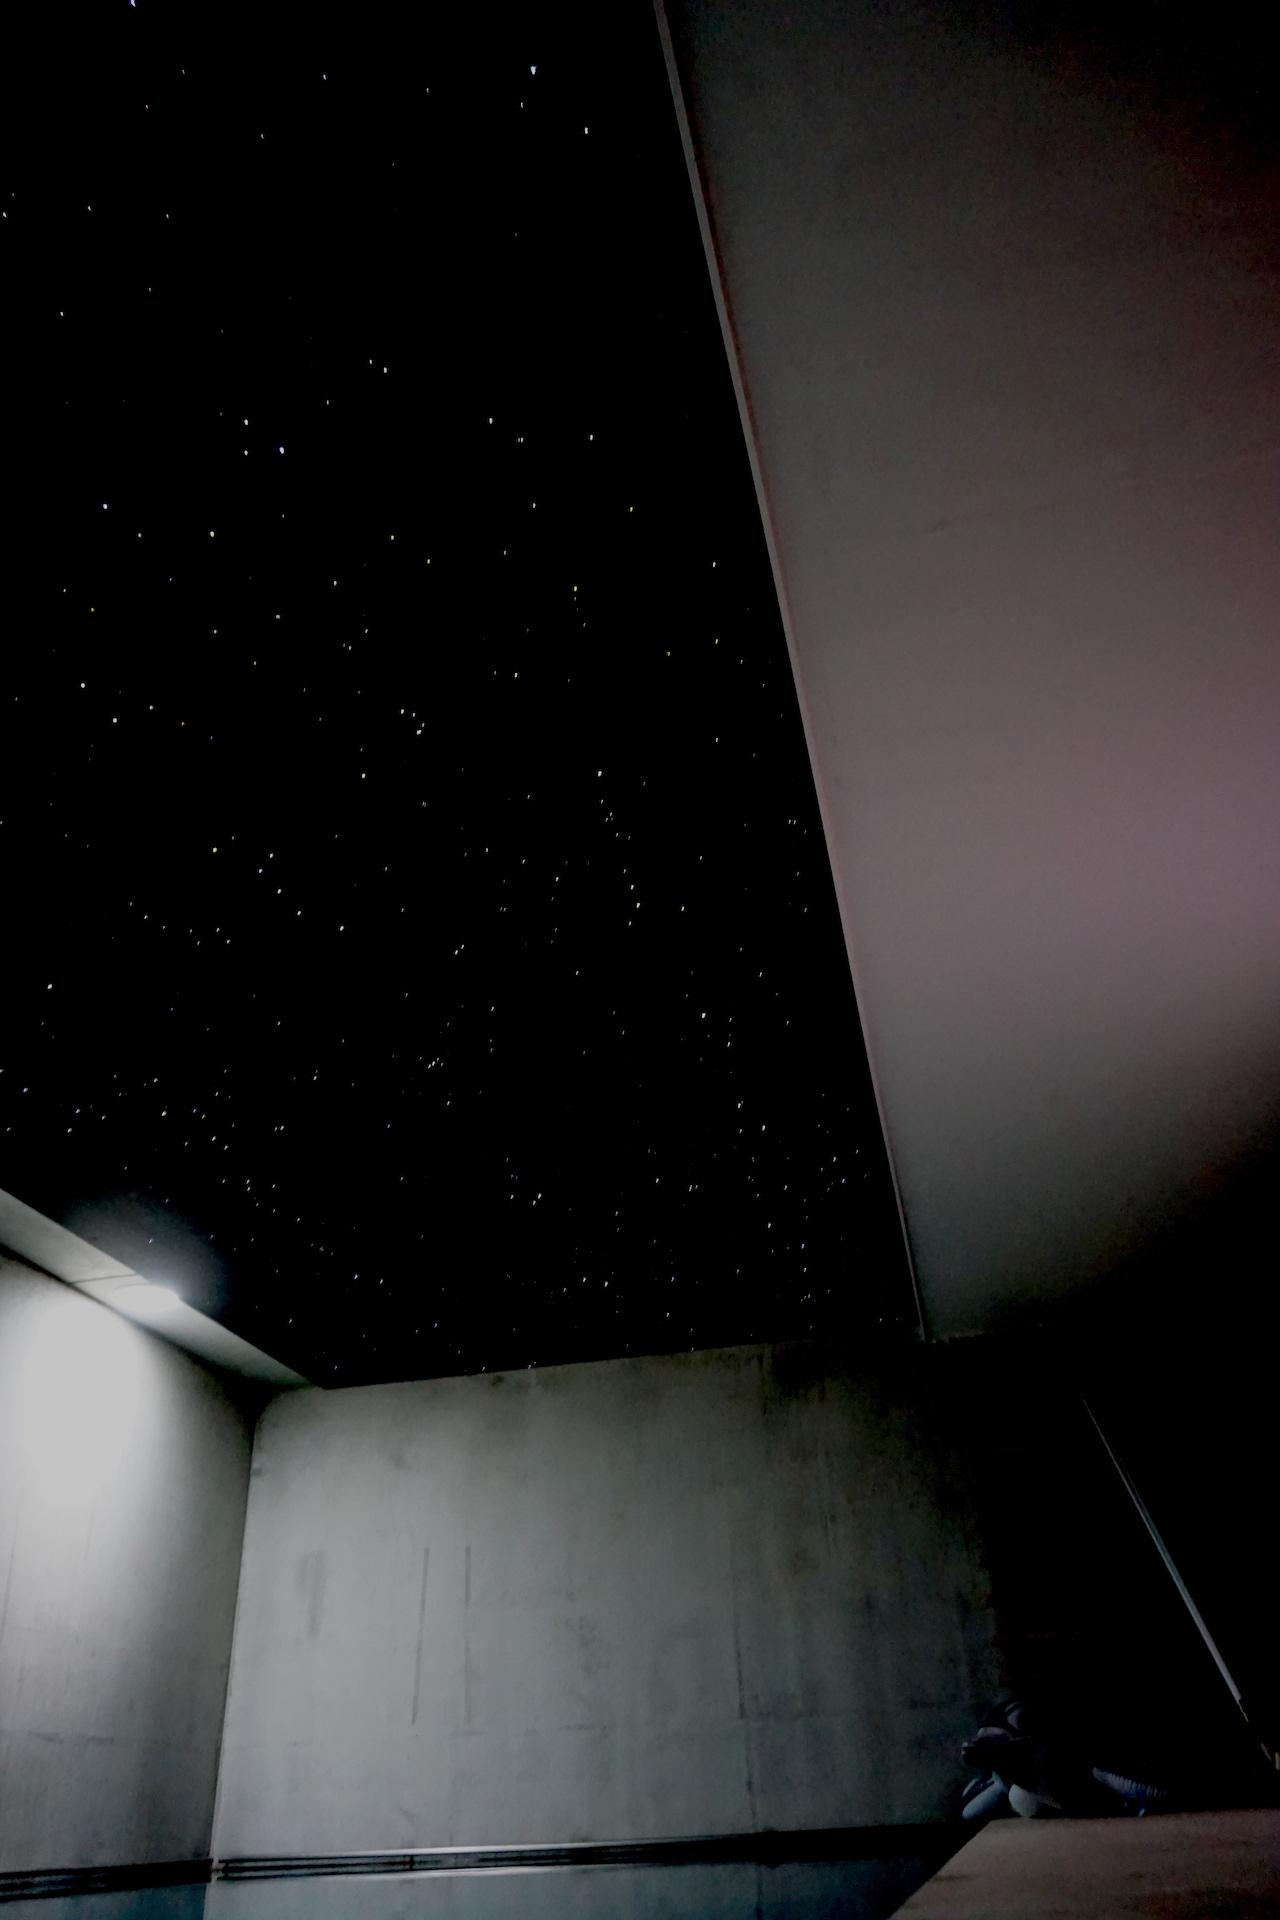 piscine plafond étoilé chambre ciel etoile fibre optic led salle de bain sauna spa mycosmos voies lactées etoiler etoiles filantes voie lactee photos image